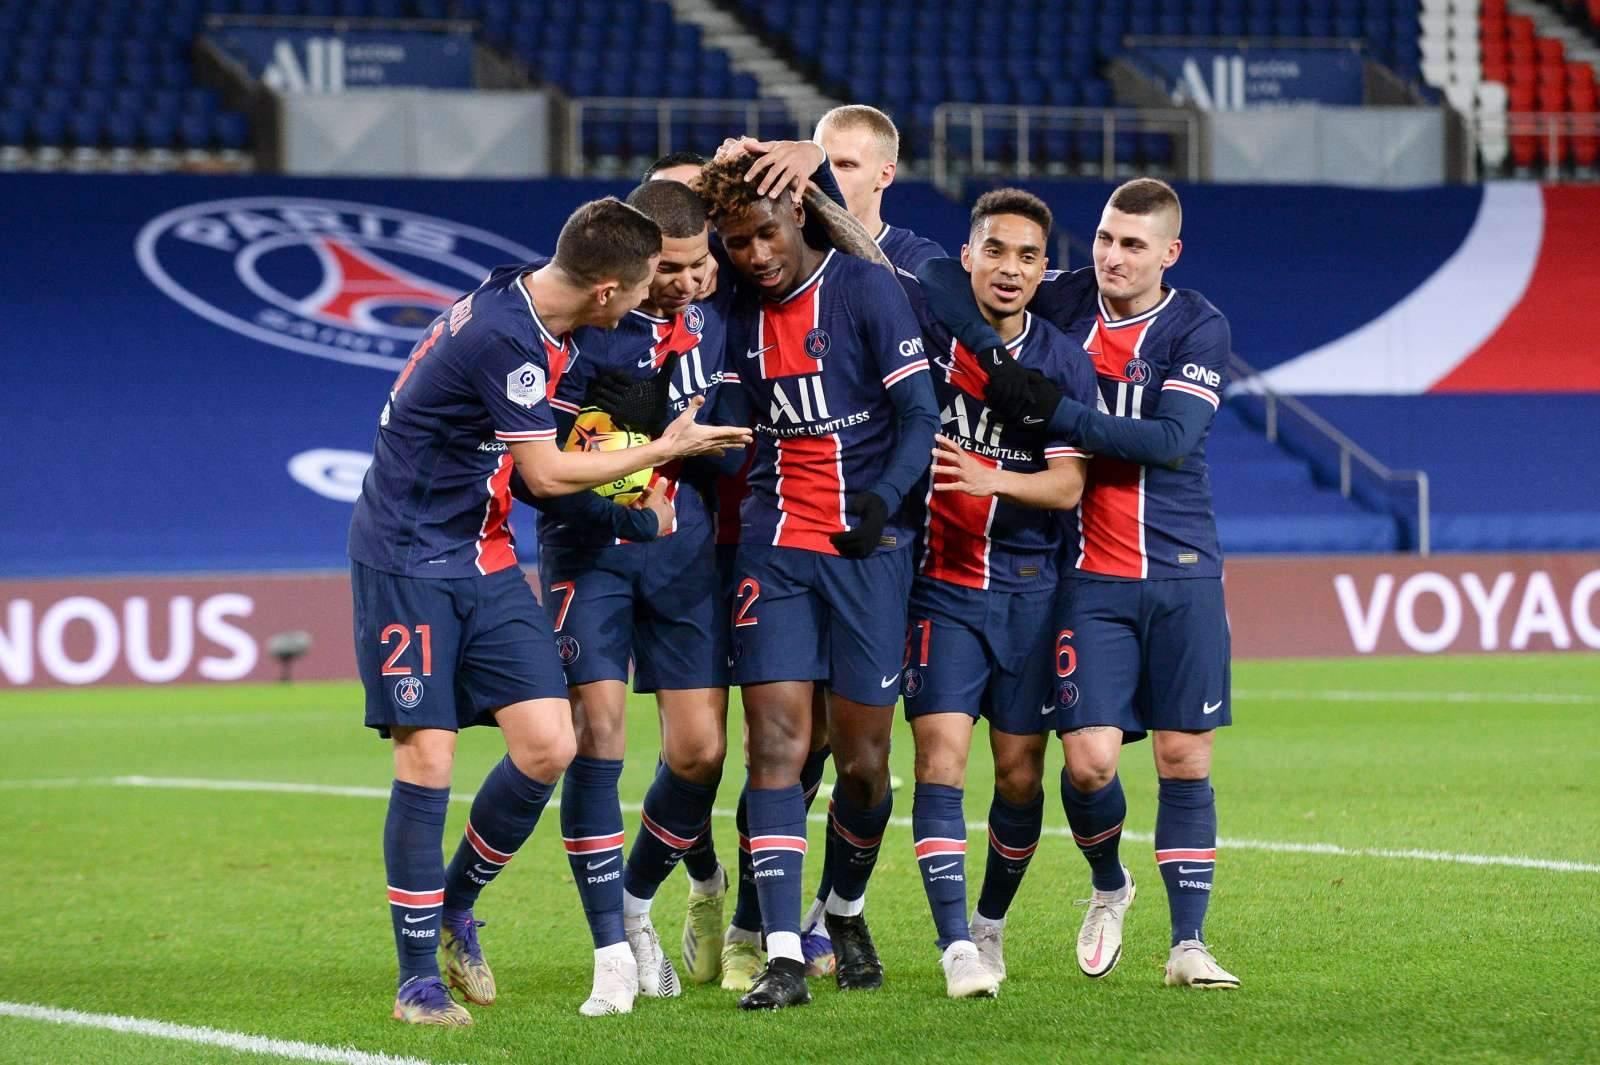 Первый трофей Почеттино в «ПСЖ» - в матче за Суперкубок обыгран «Марсель»